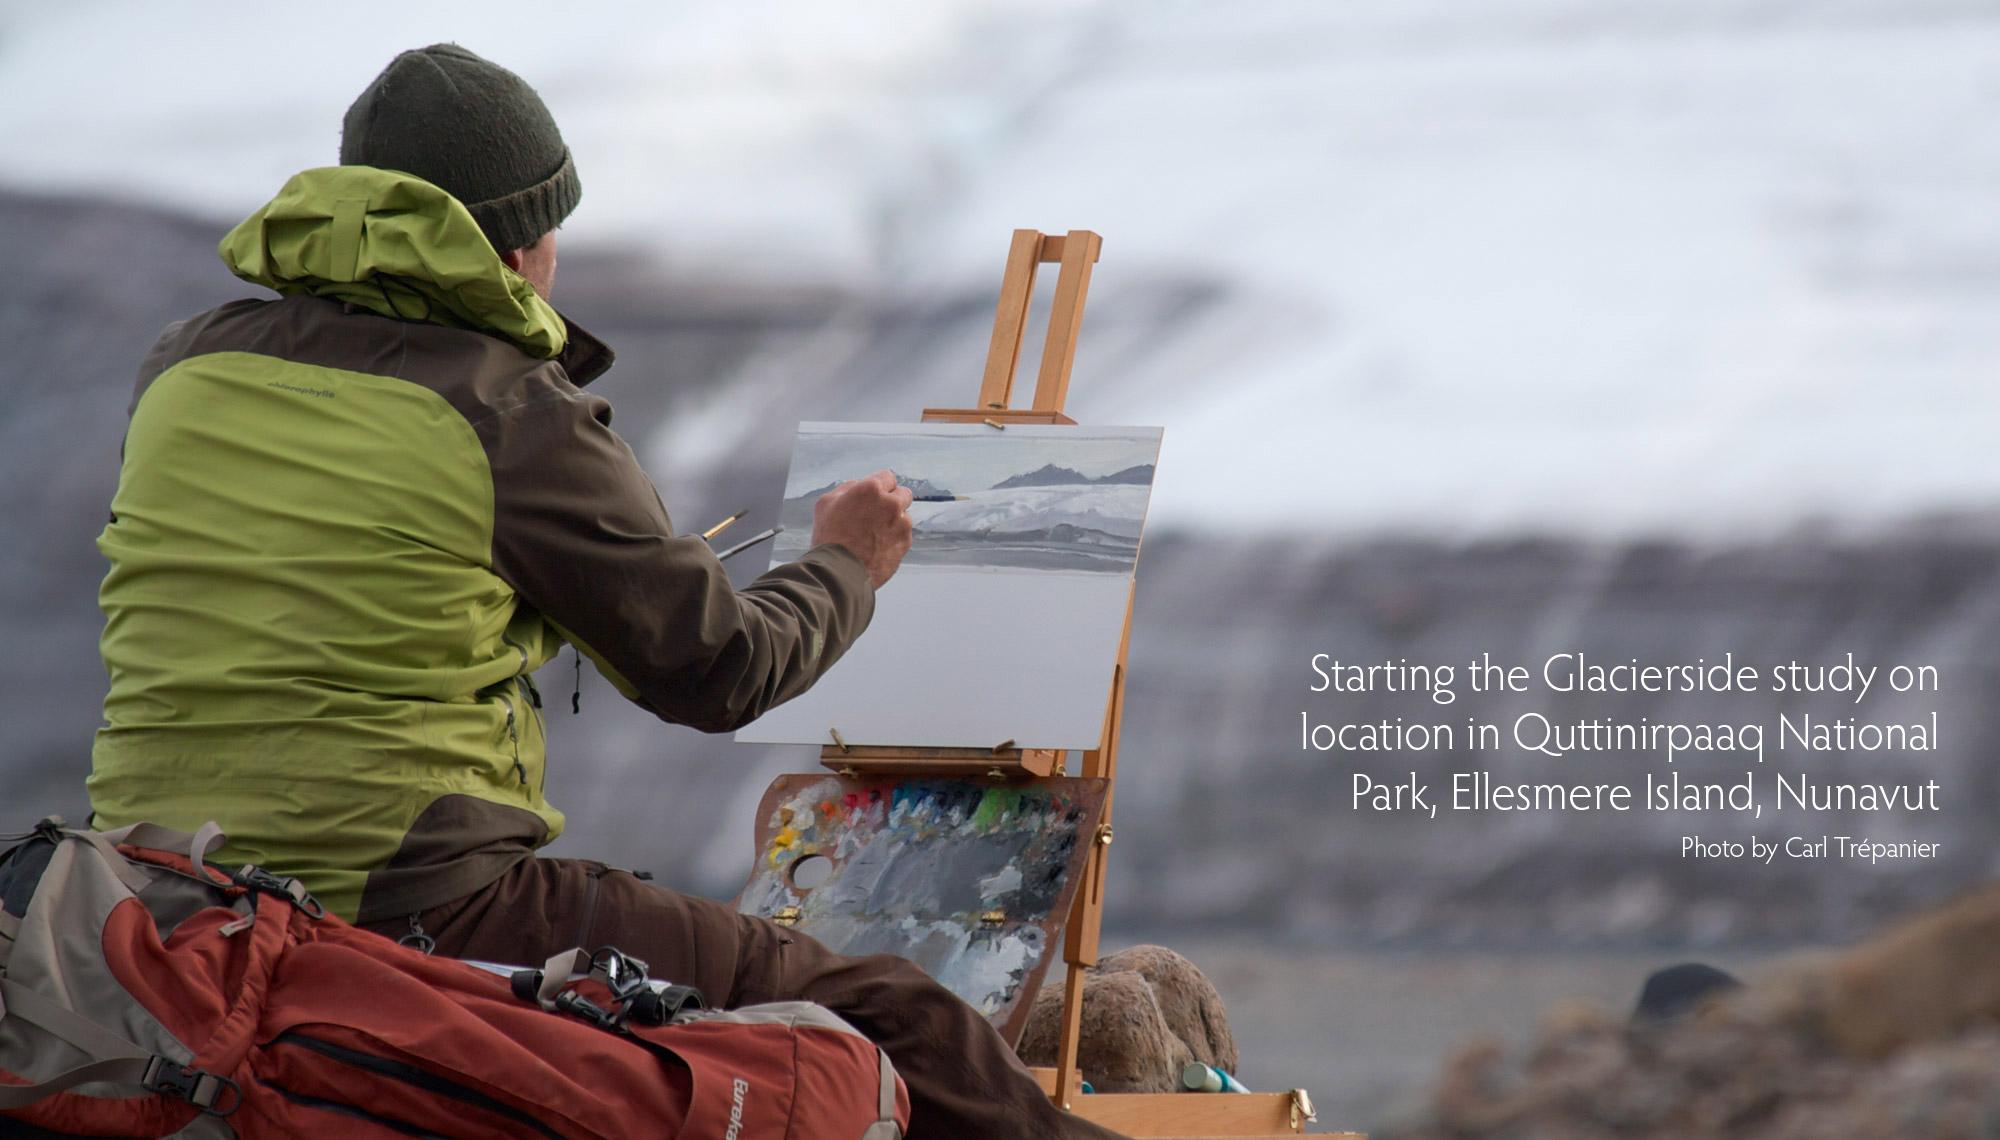 Trepanier,PaintingGlacierside